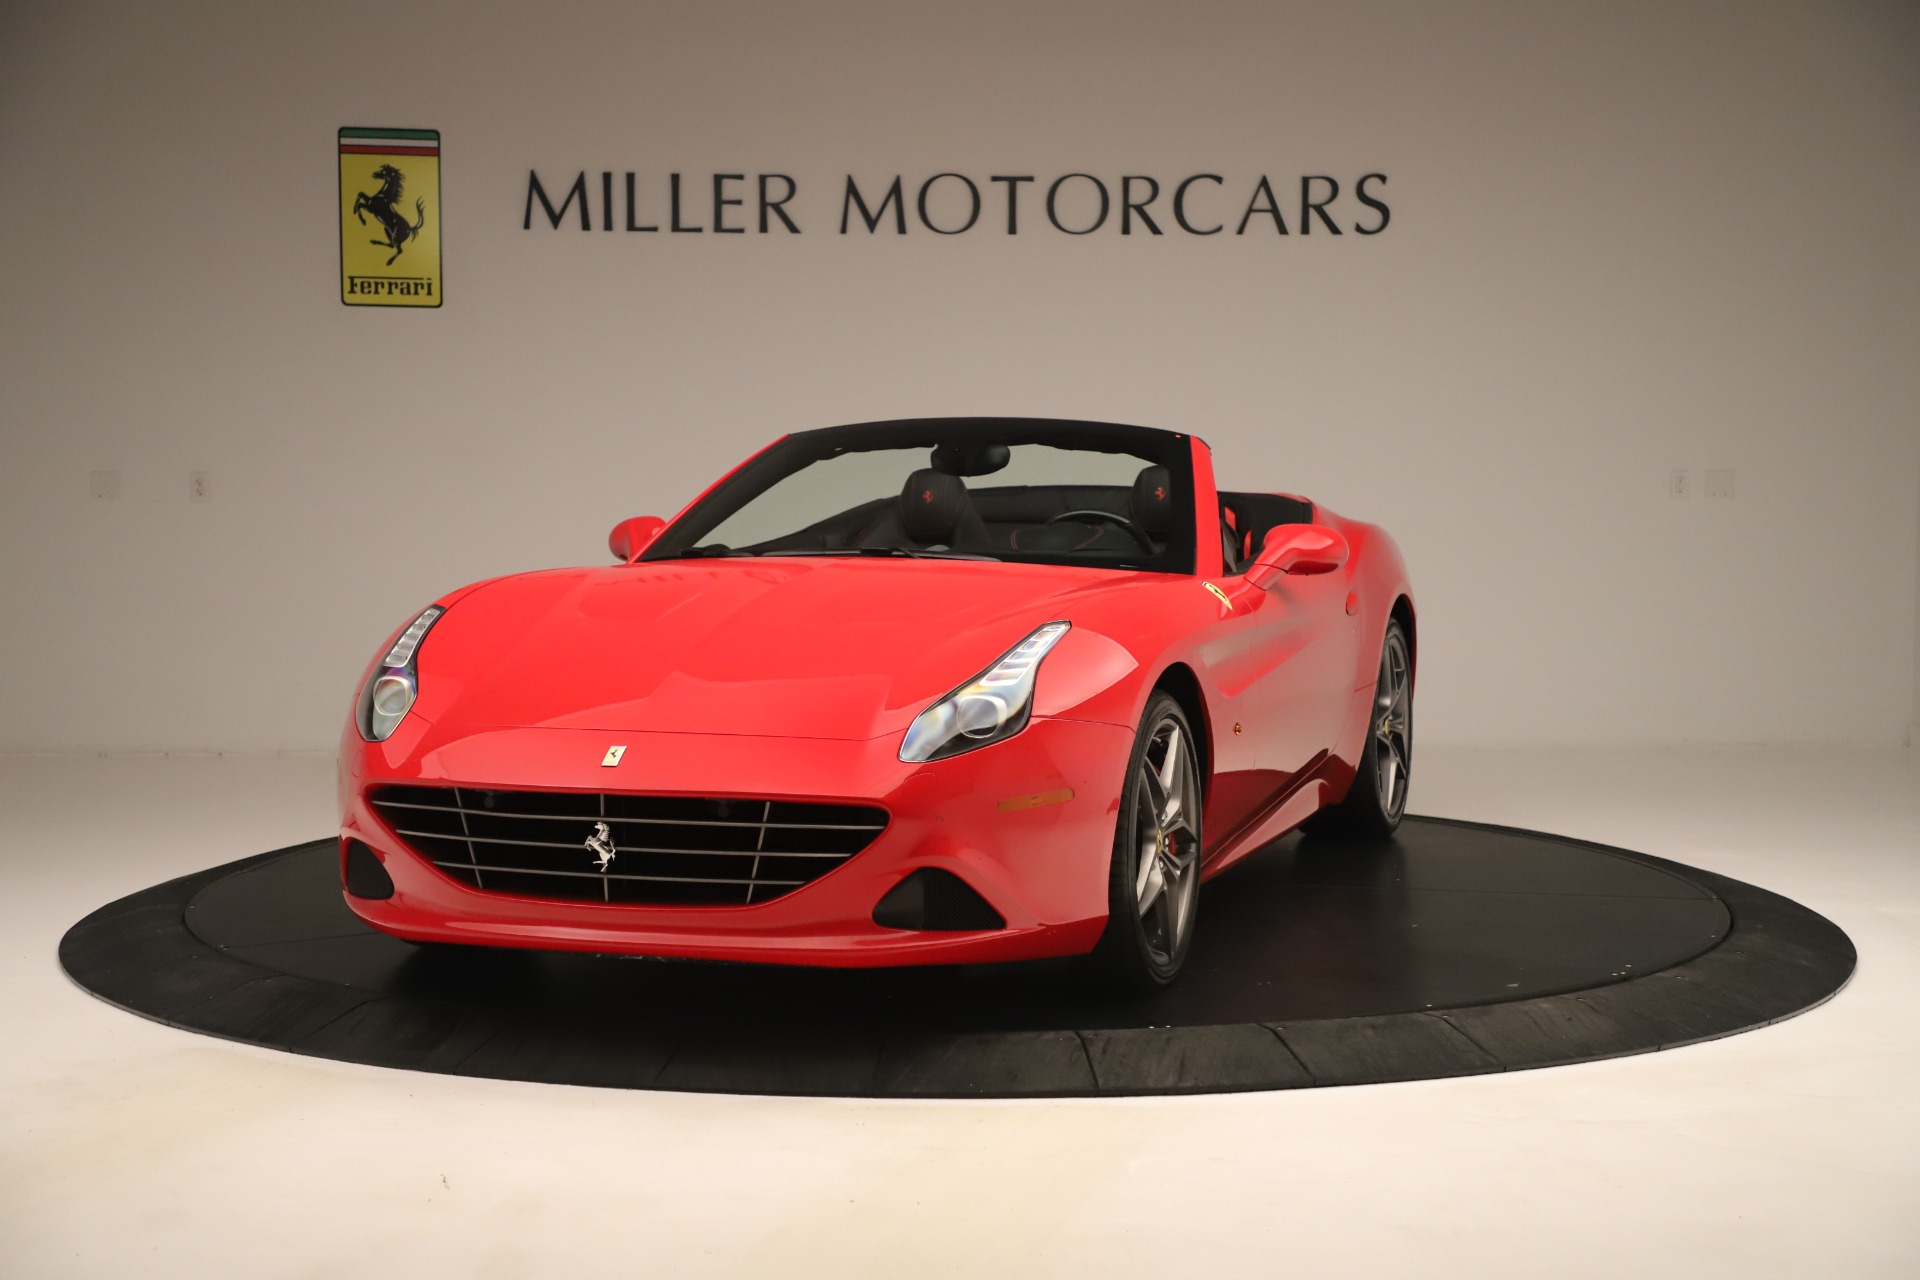 Used 2016 Ferrari California T for sale Sold at Maserati of Westport in Westport CT 06880 1